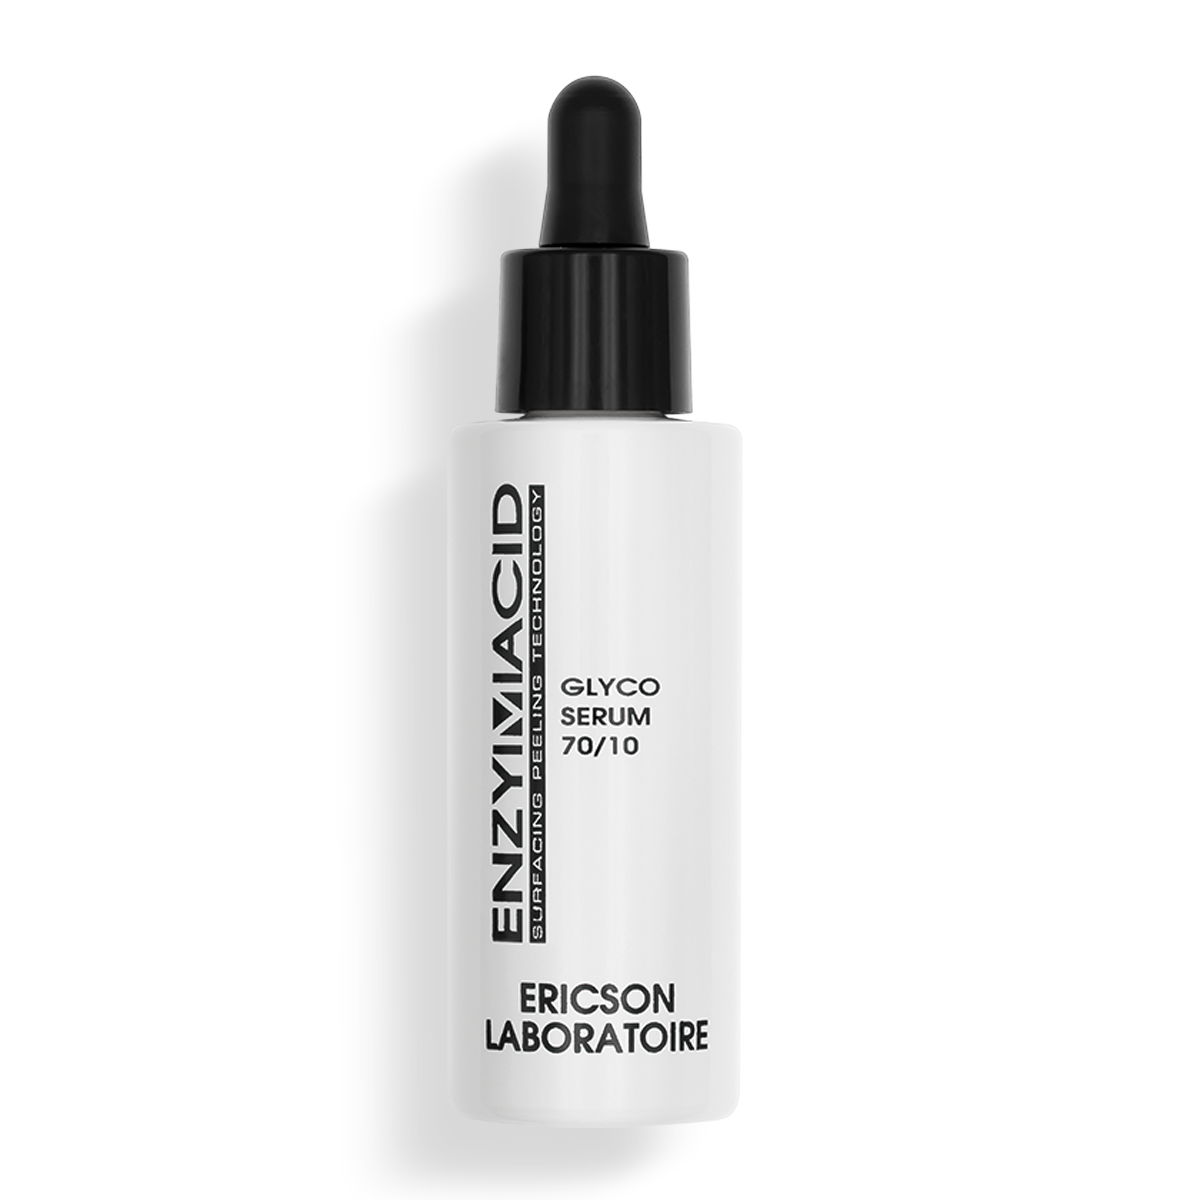 Enzymacid E911 - Tinh chất tẩy, làm trắng da Ericson Glyco Serum PLGA 70/10